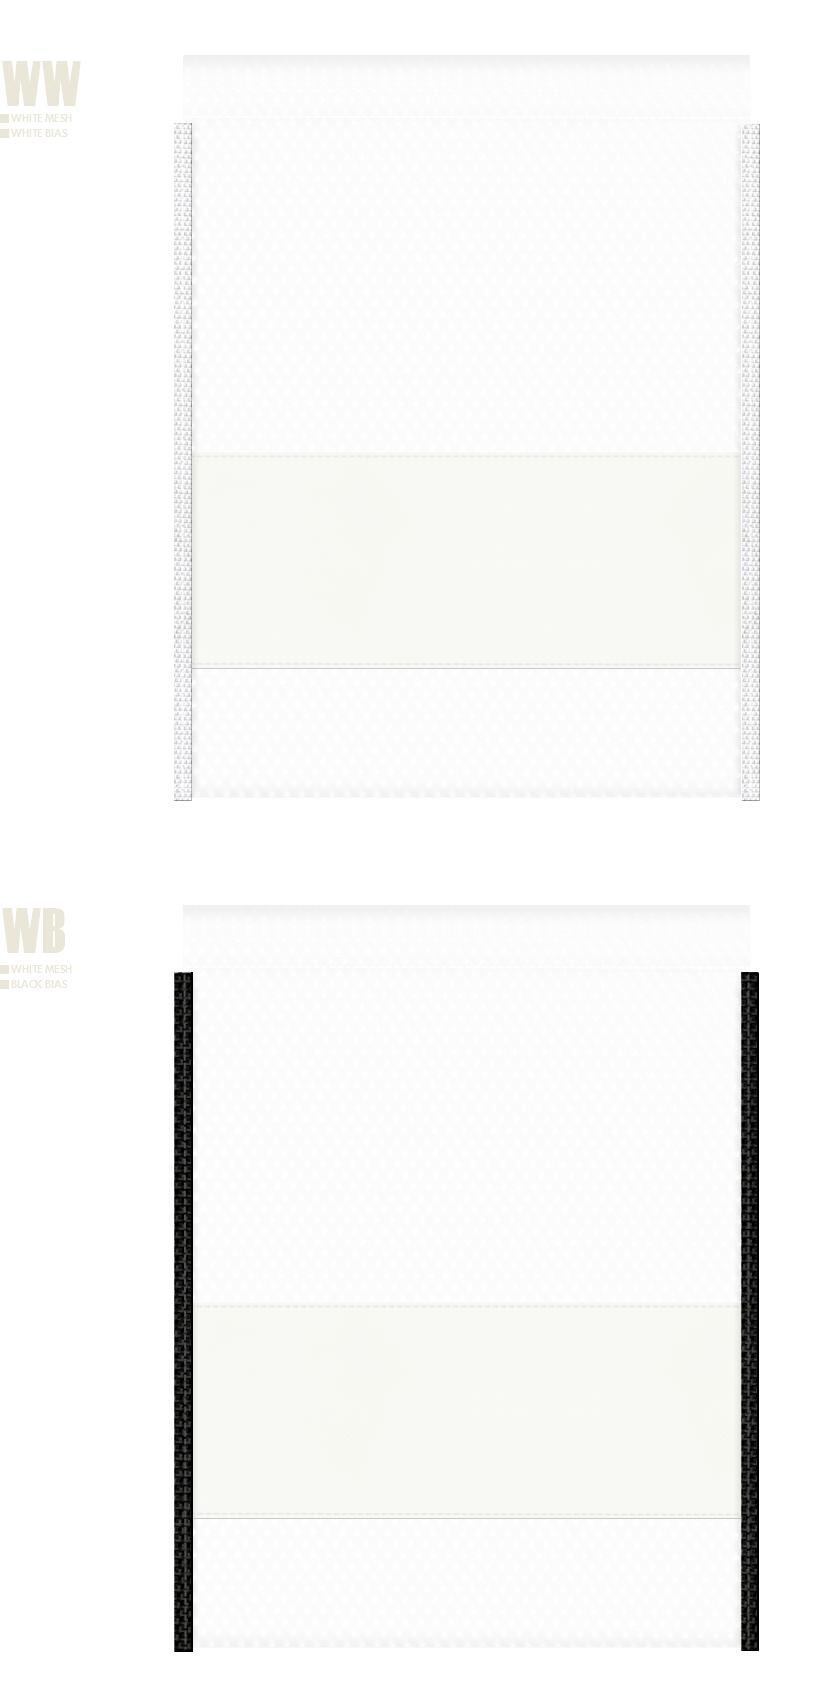 白色メッシュとオフホワイト色不織布のメッシュバッグカラーシミュレーション:スポーツ用品・シューズバッグにお奨め